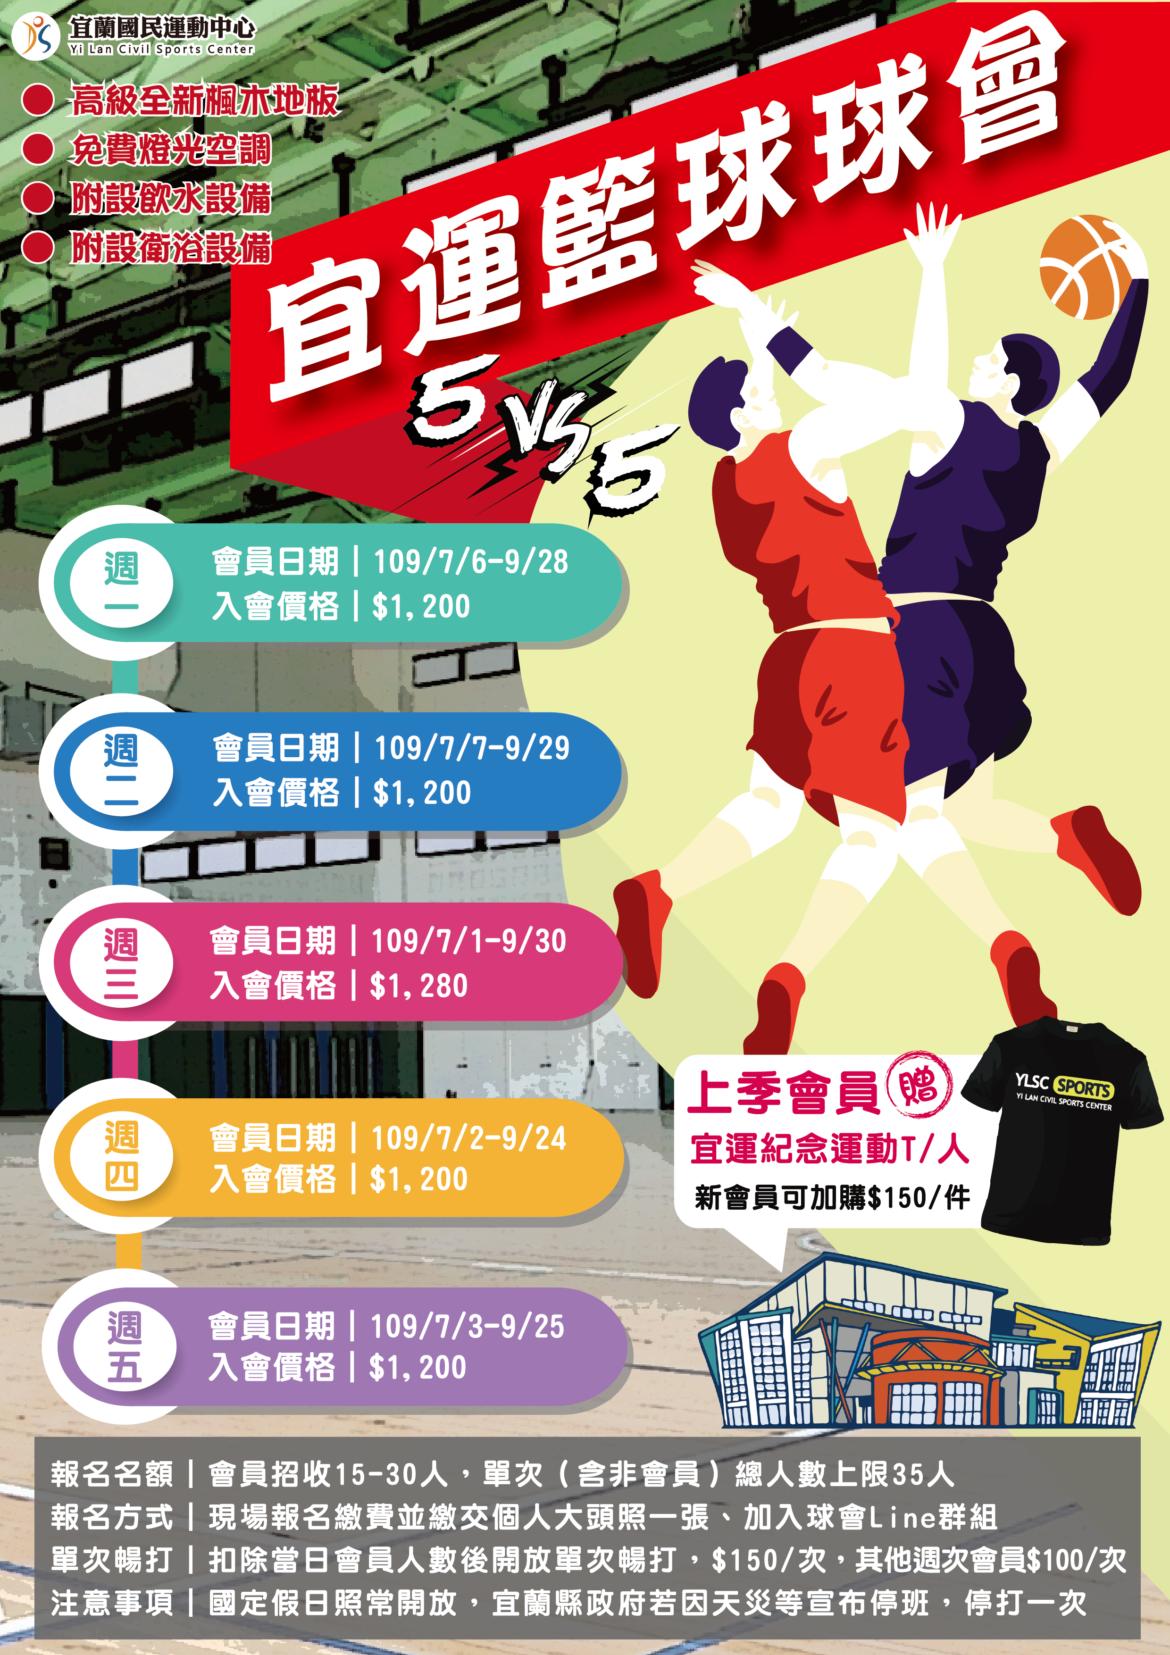 宜運籃球球會